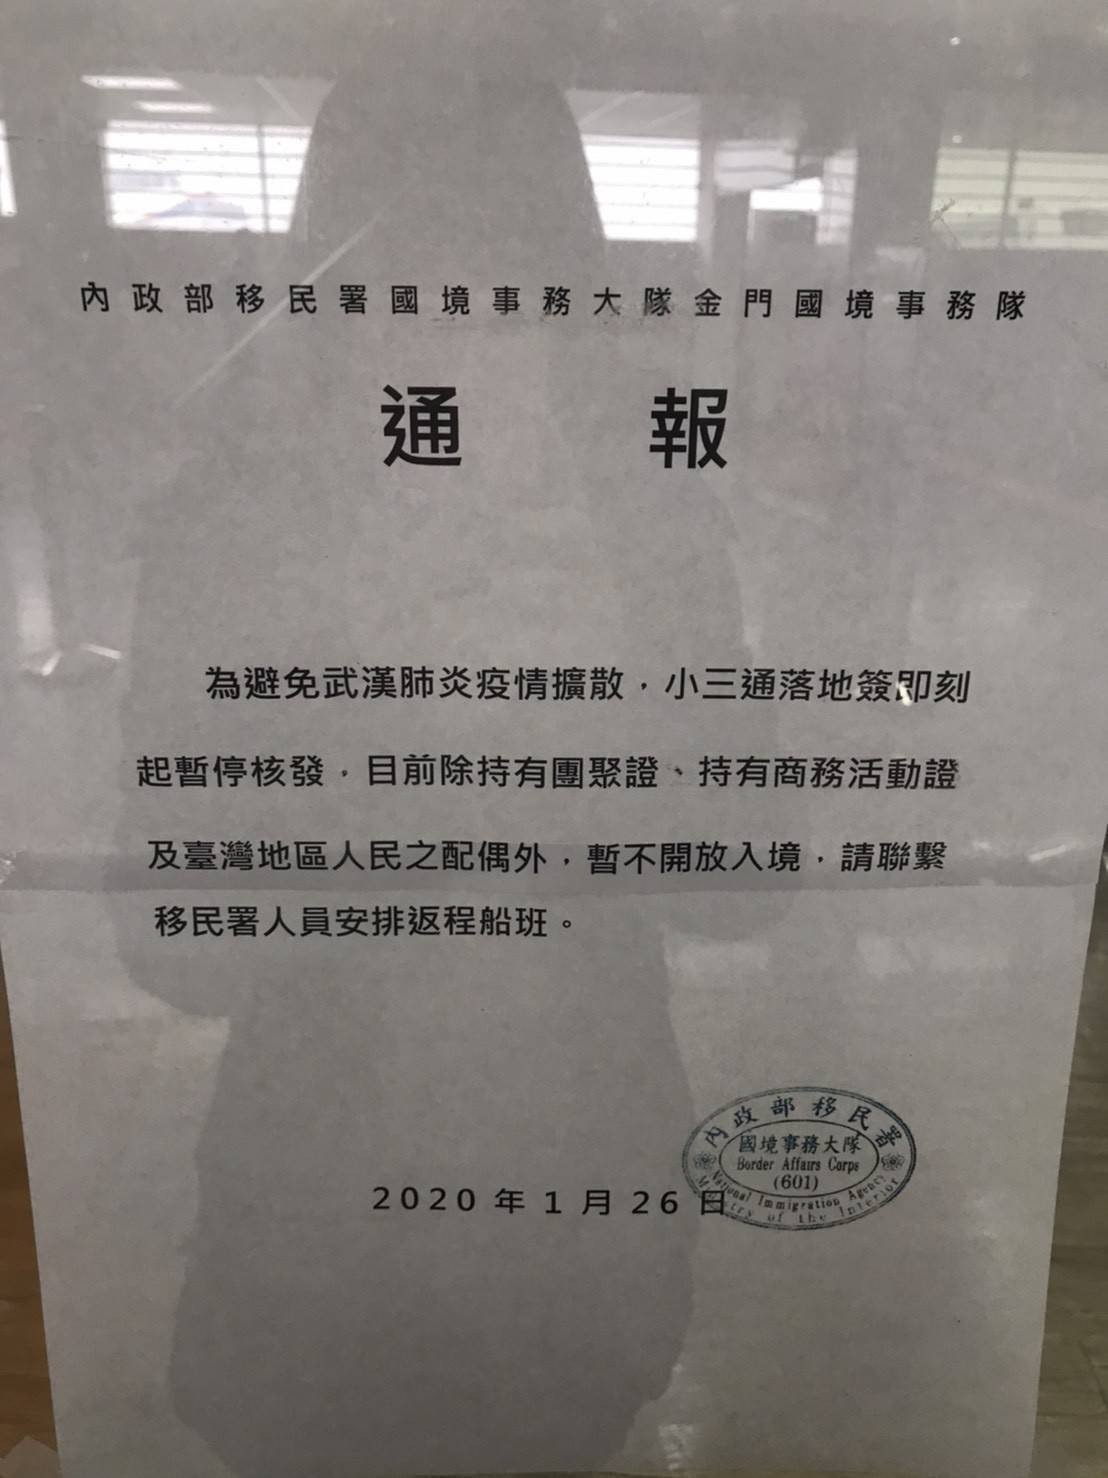 防武漢肺炎,移民署宣布停發小三通落地簽。圖/金門縣府提供